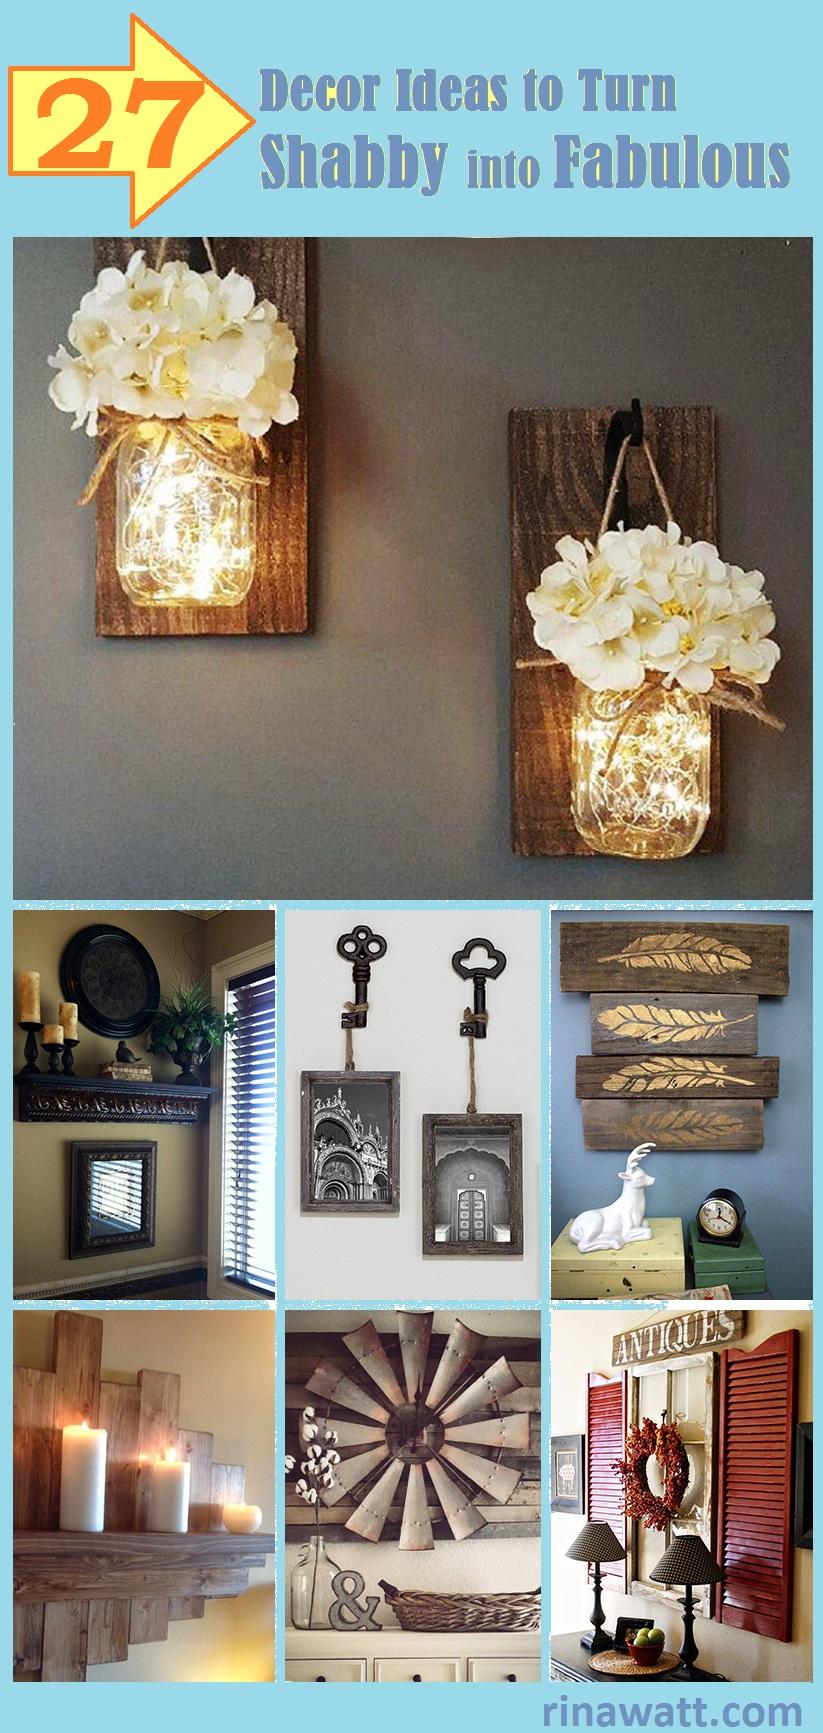 27 Rustic Wall Decor Ideas To Turn Shabby Into Fabulous Rina Watt Blogger Home Decor Diy And Recipes